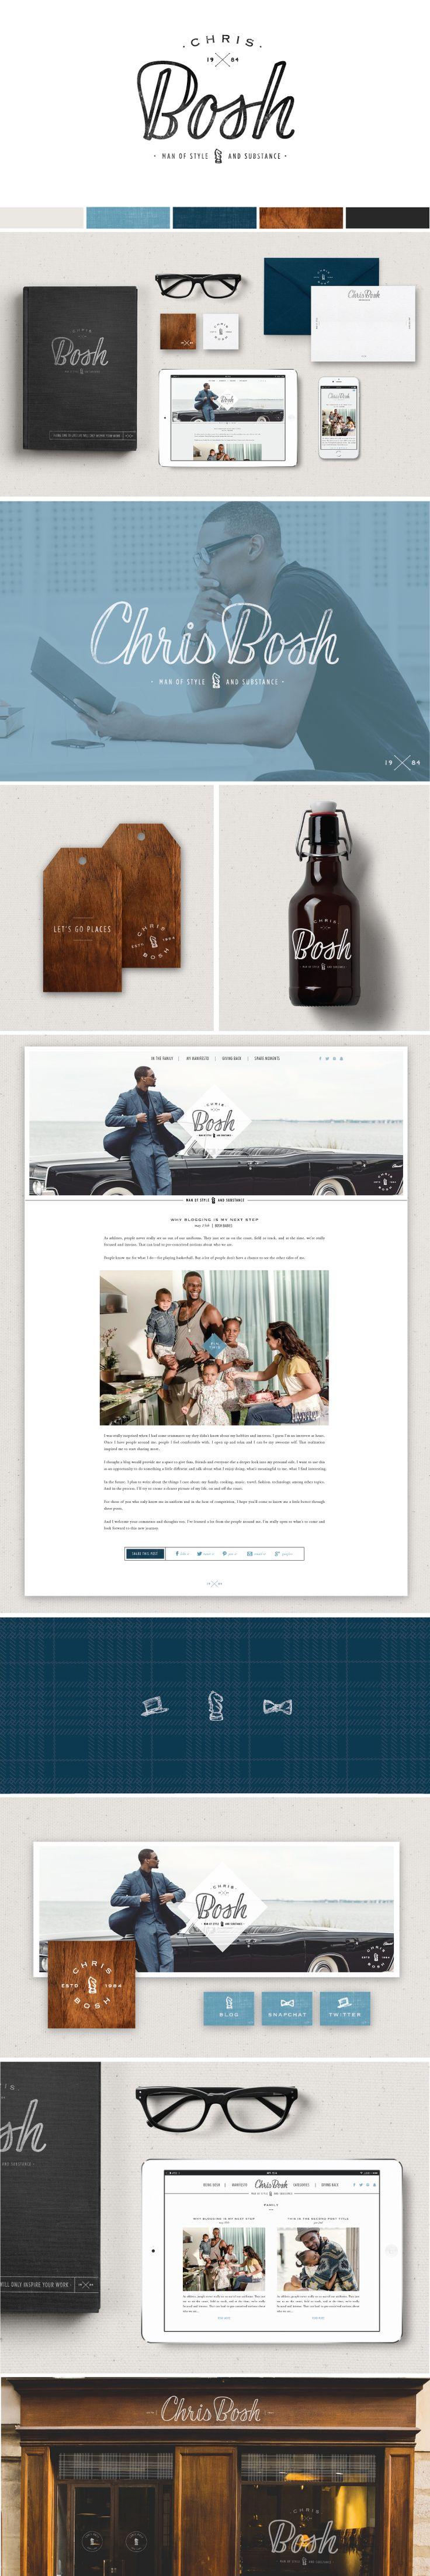 Brand and Website Launch for Chris Bosh - Saffron Avenue : Saffron Avenue